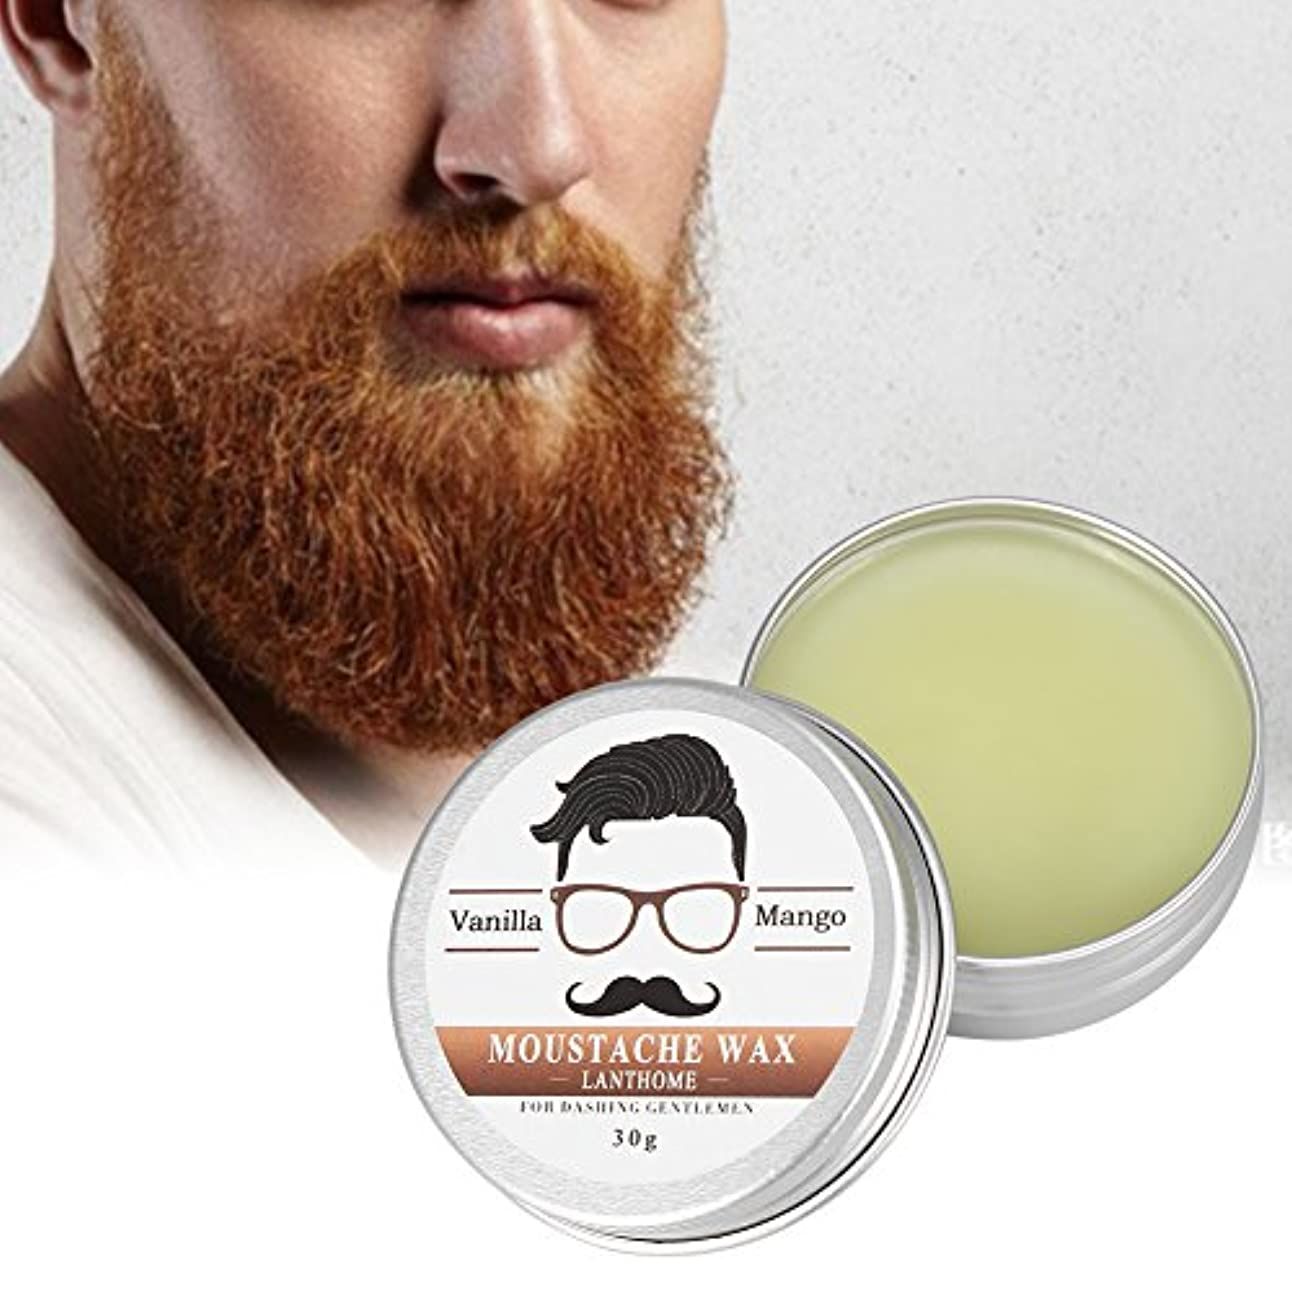 範囲晩餐チューリップビアードワックス ひげクリーム 口髭用 ワックス バーム 男性用 保湿 滋養 ひげ根 ケア